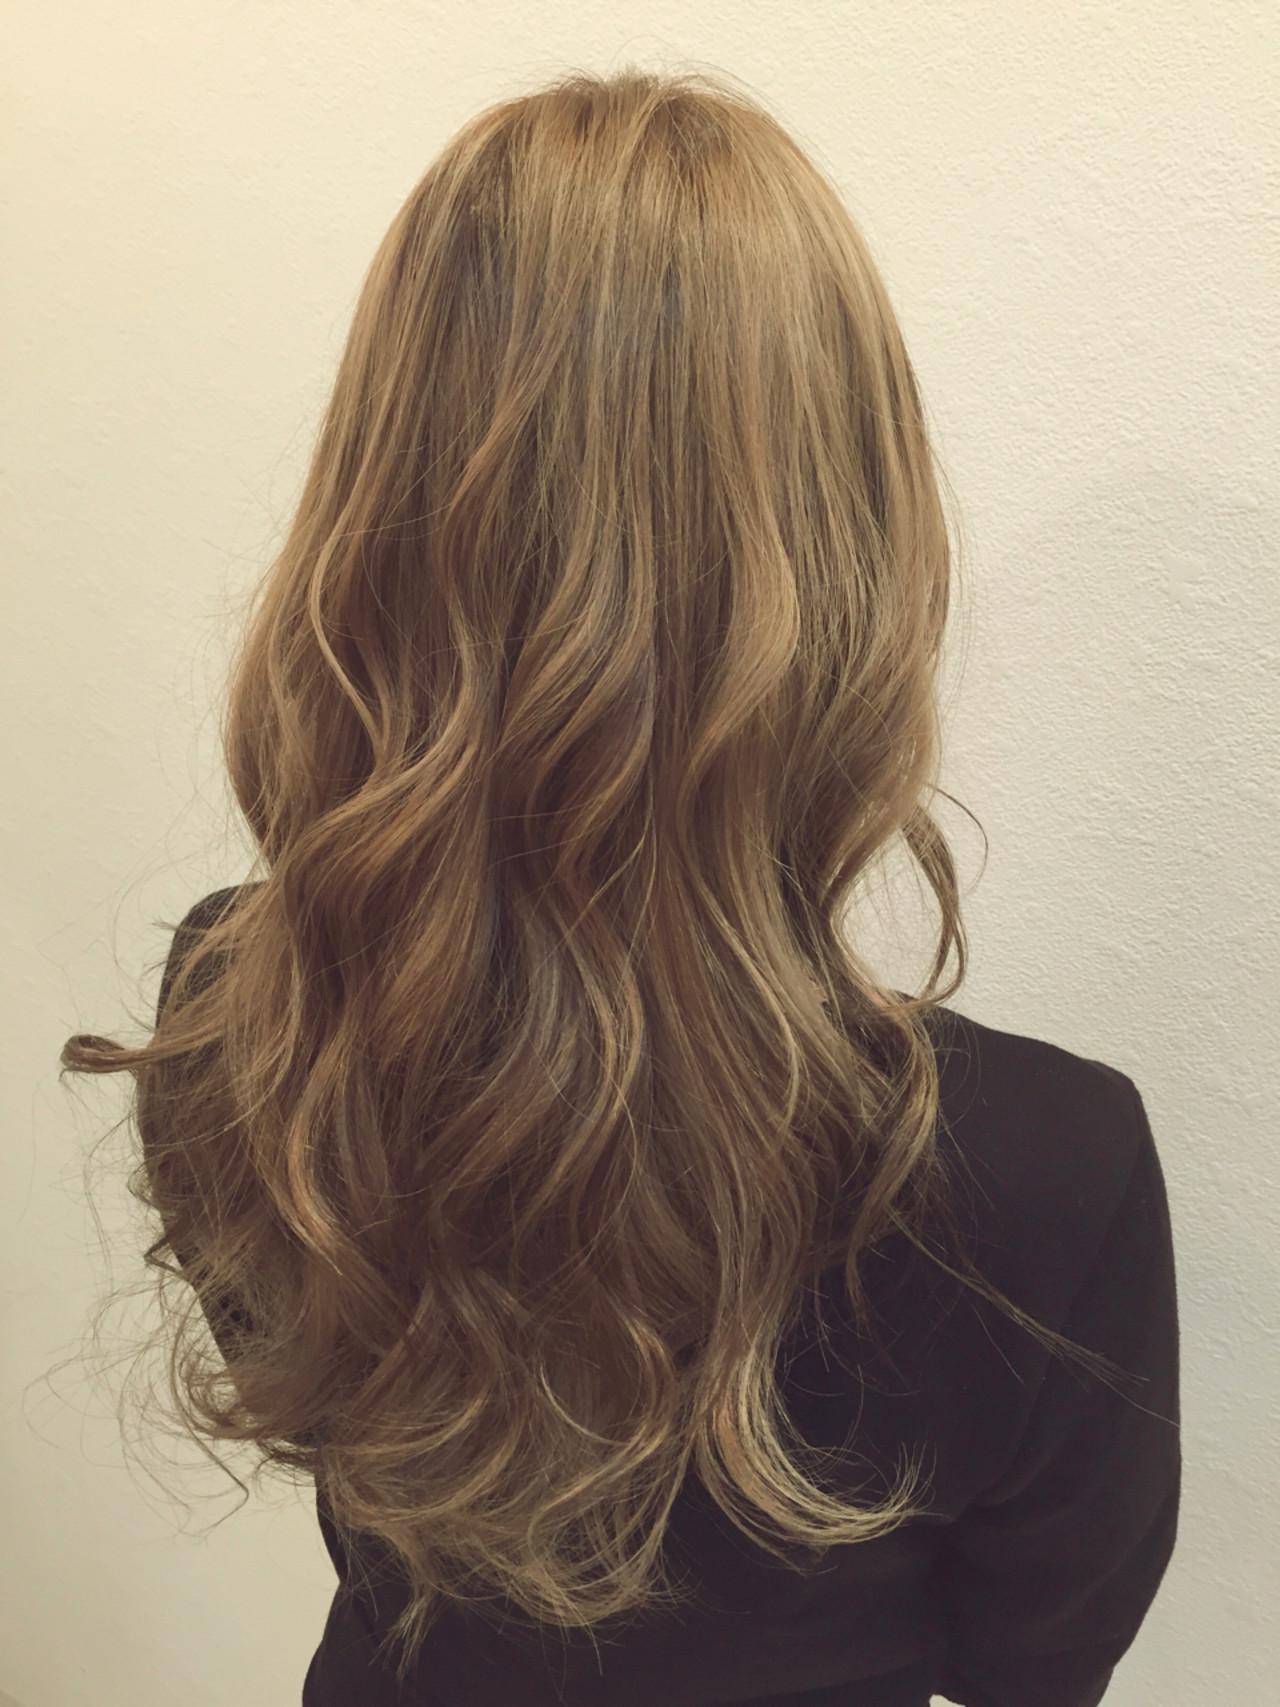 ストリート アッシュ ローライト ハイトーン ヘアスタイルや髪型の写真・画像 | kuro / hair salon I'LUNA